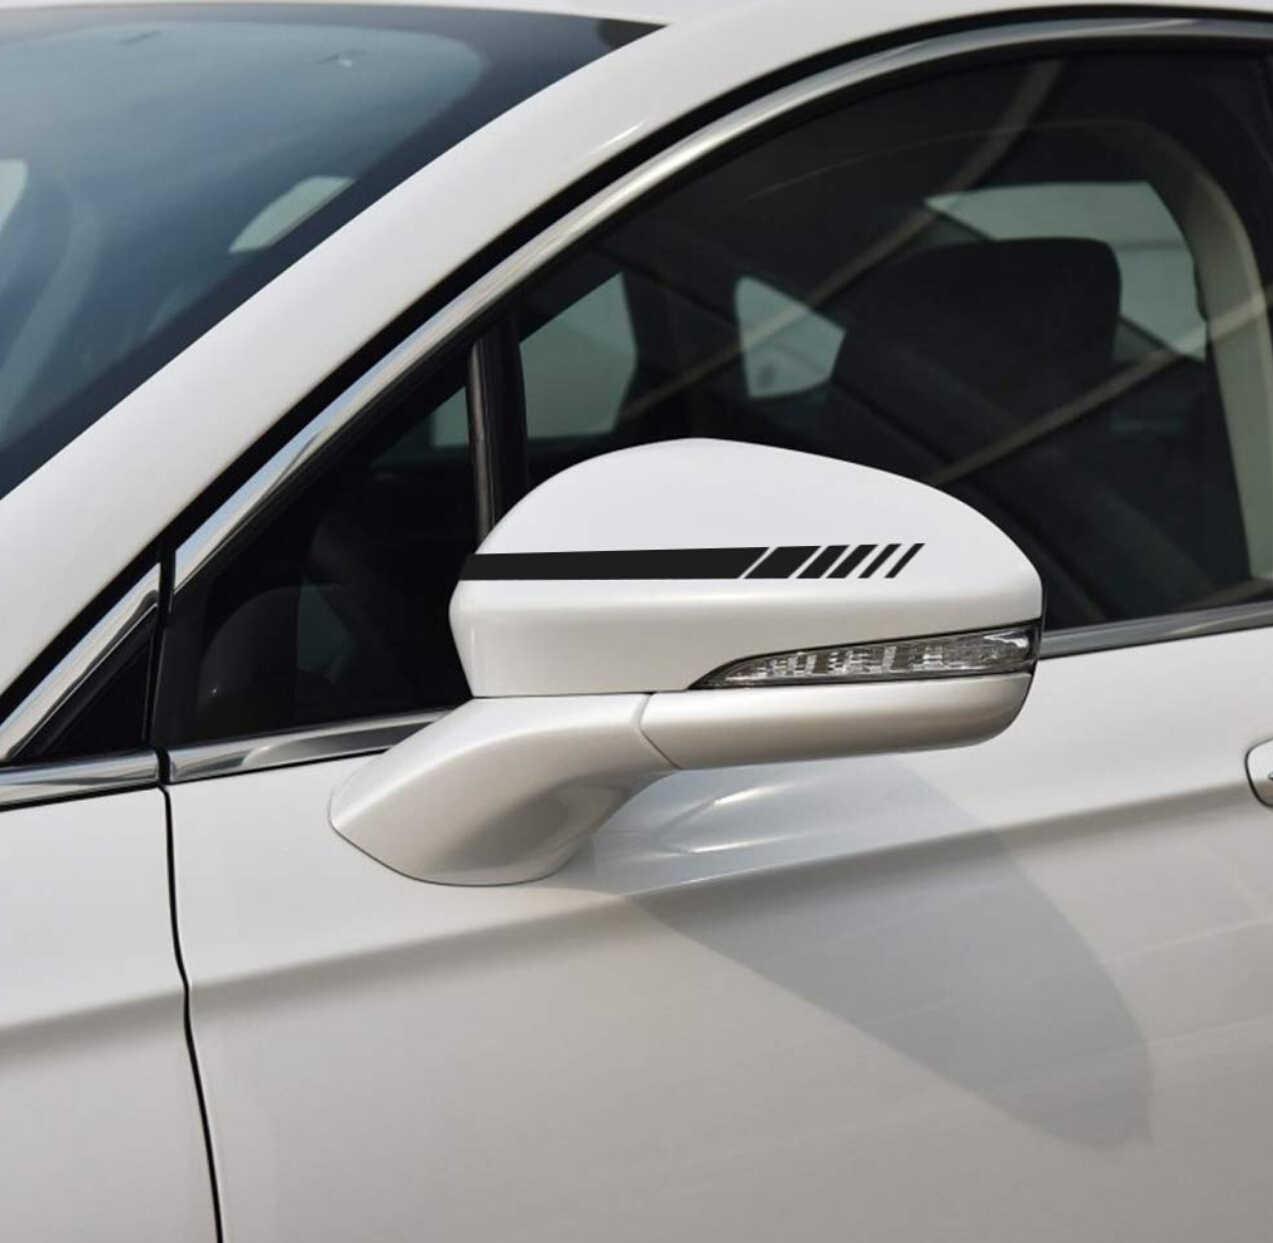 2pcs Car Styling Auto Vinyl Sticker for Volvo S40 S60 S80 S90 S40 XC60 XC90 V40 V60 V90 C30 XC40 XC70 V70